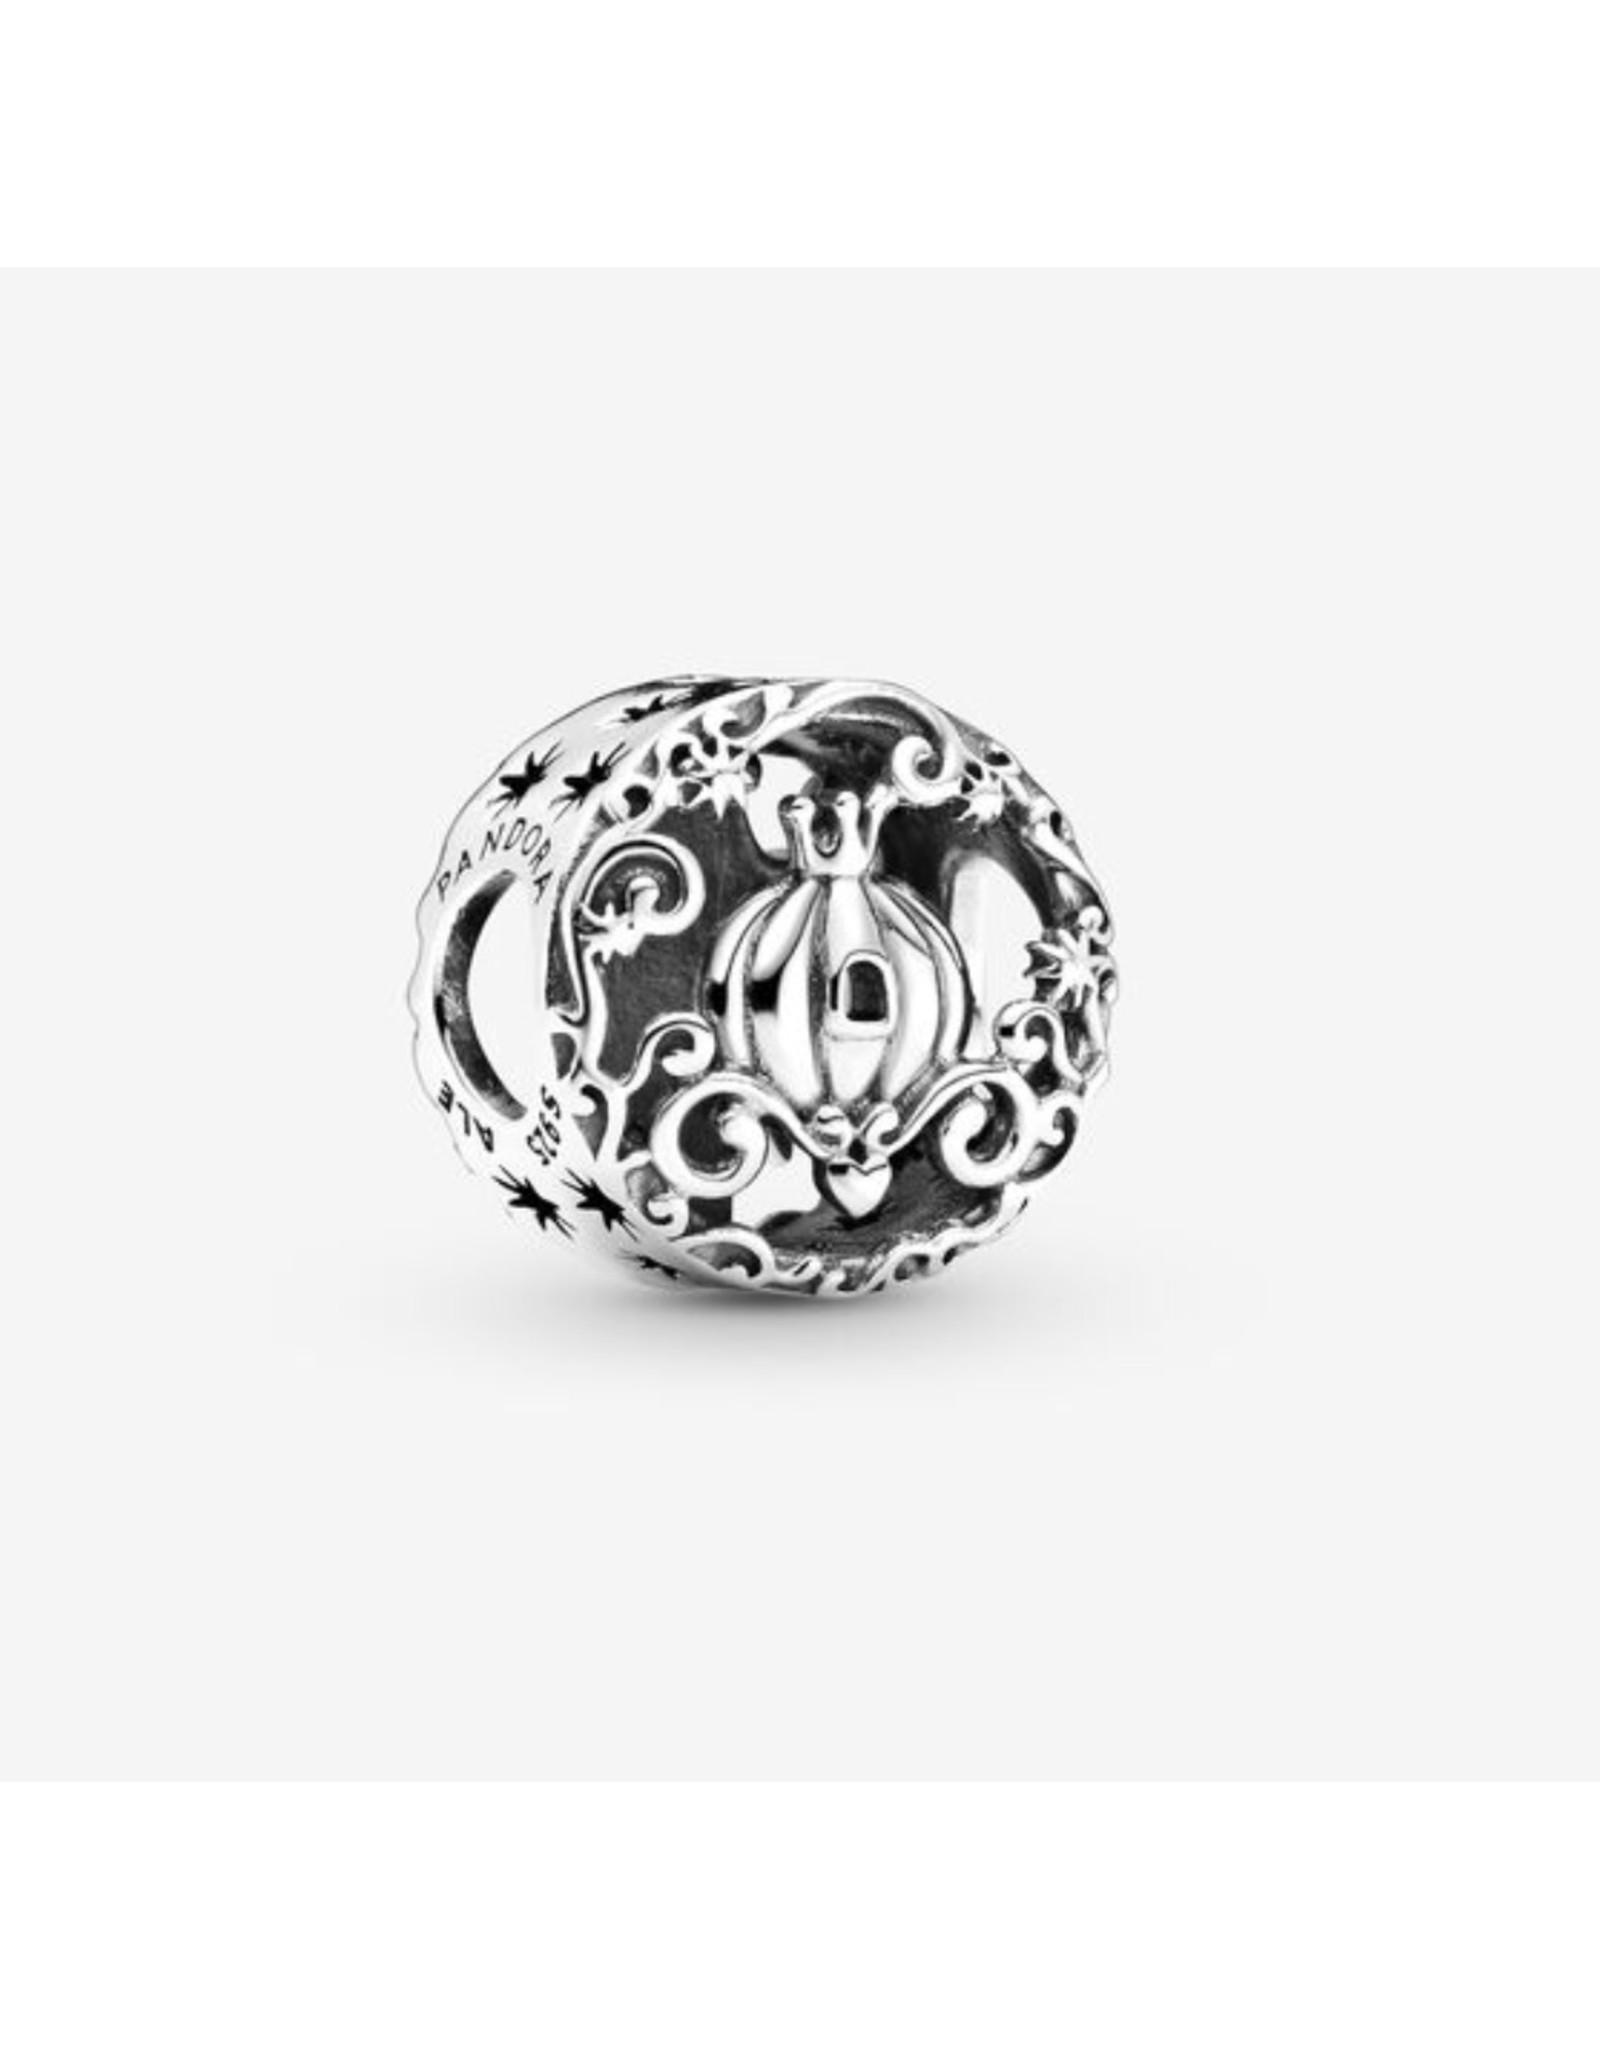 Pandora Pandora Charm,799197C00,Disney, Cinderella Midnight Pumpkin